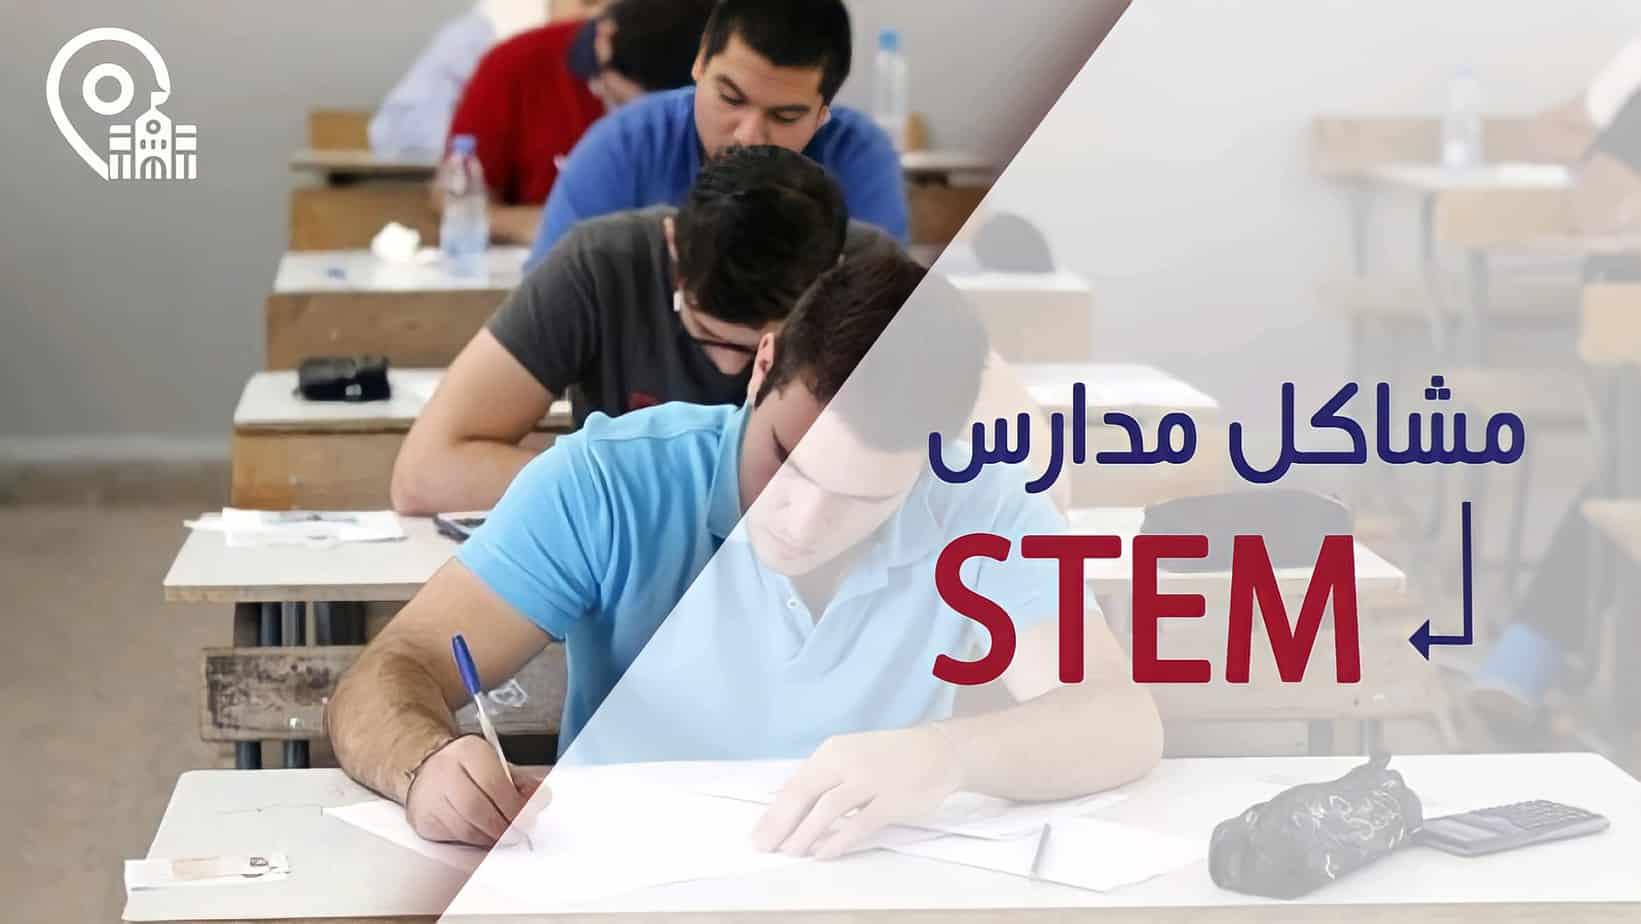 مشاكل مدارس Stem